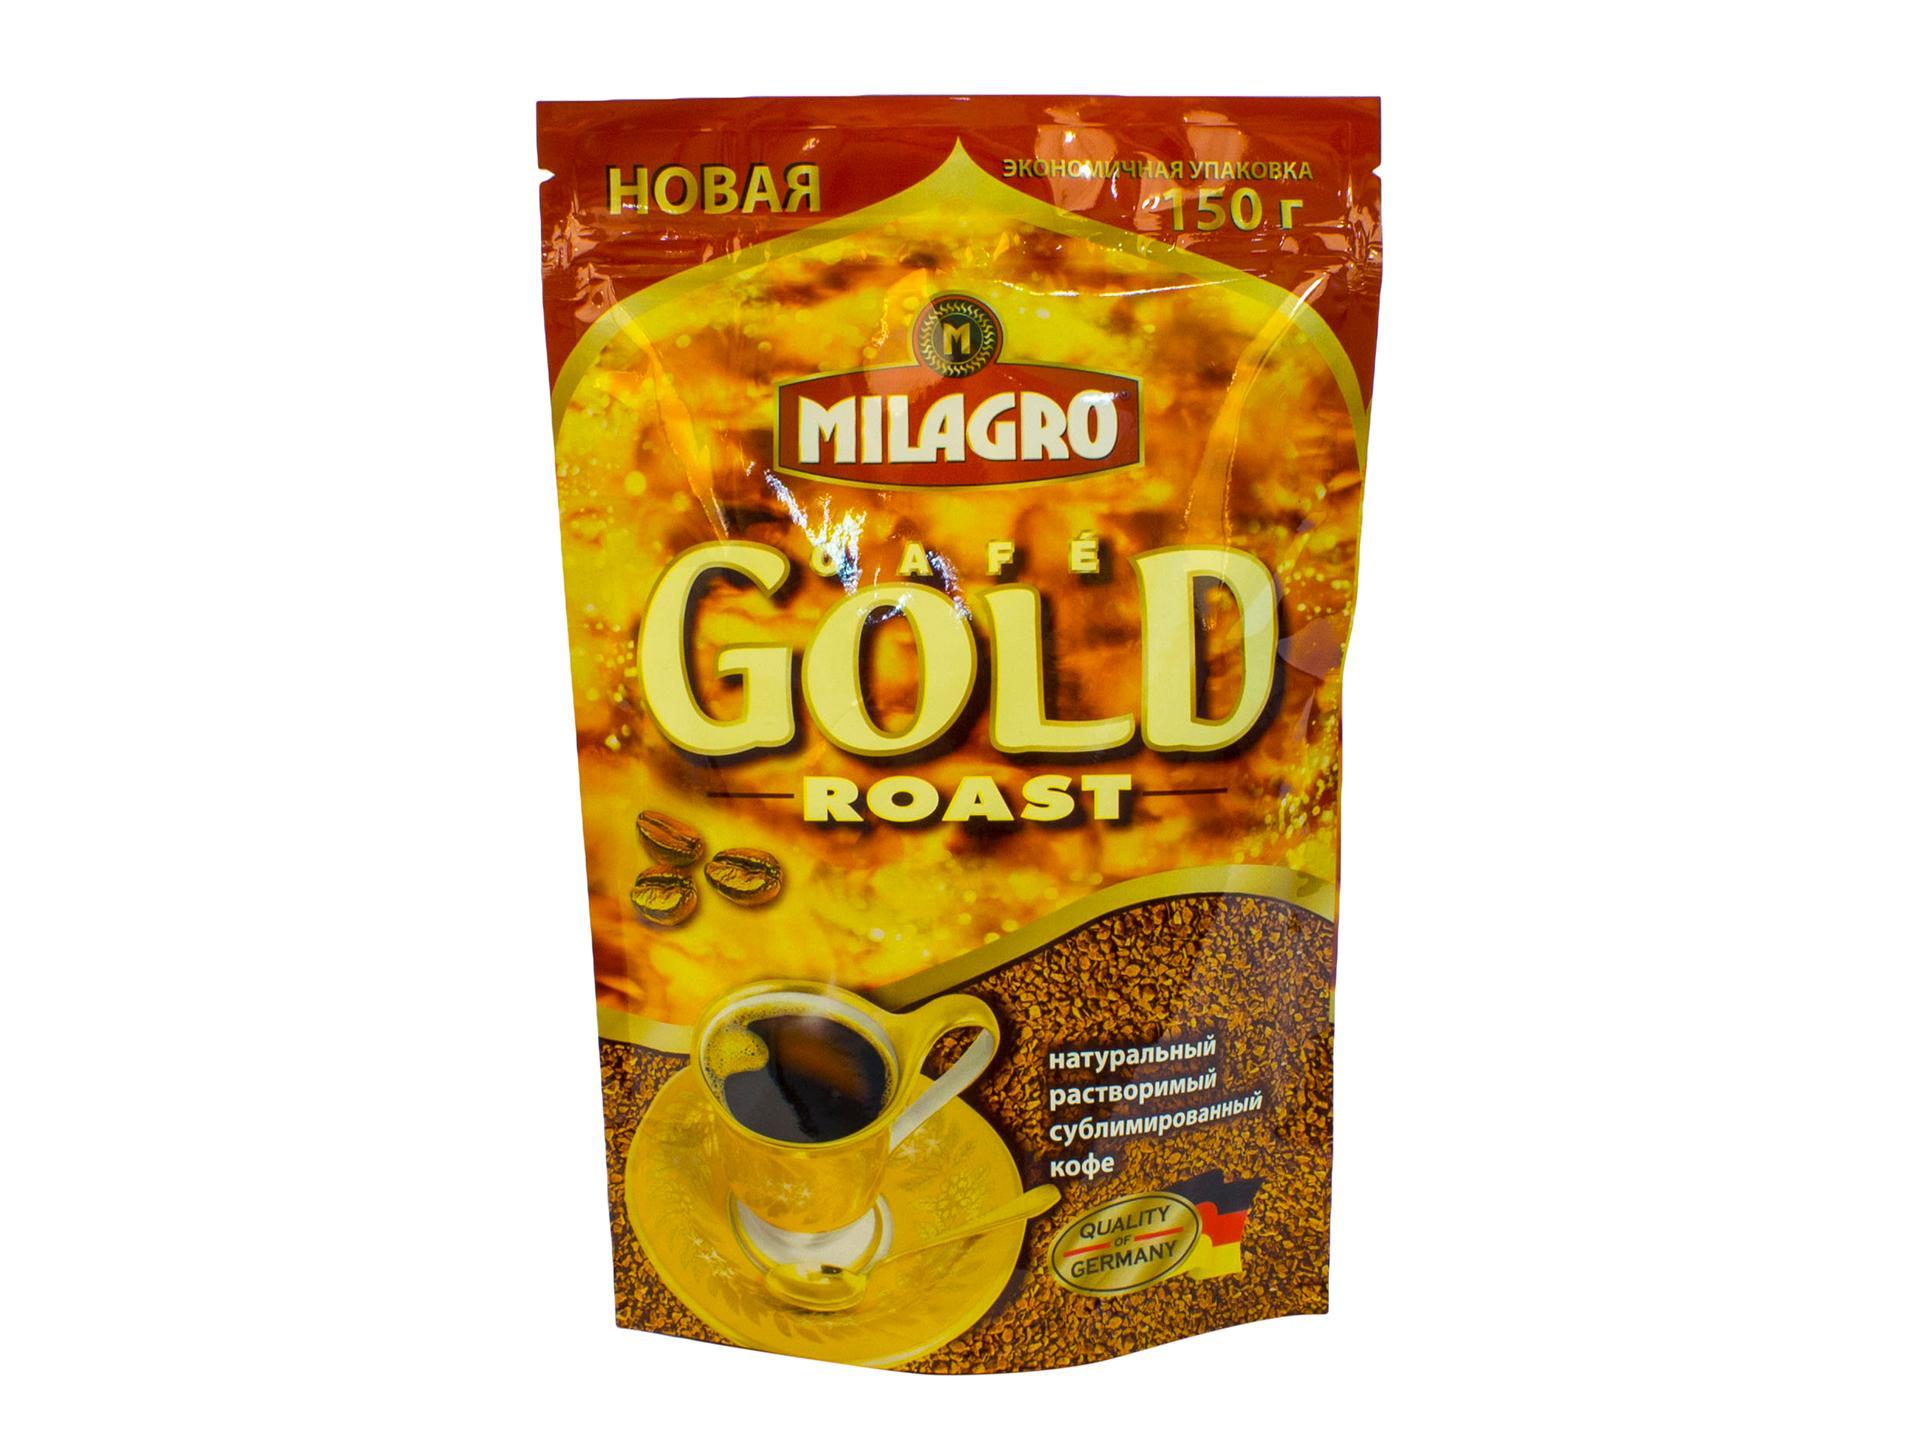 Кофе Milagro Gold Roast сублимированный